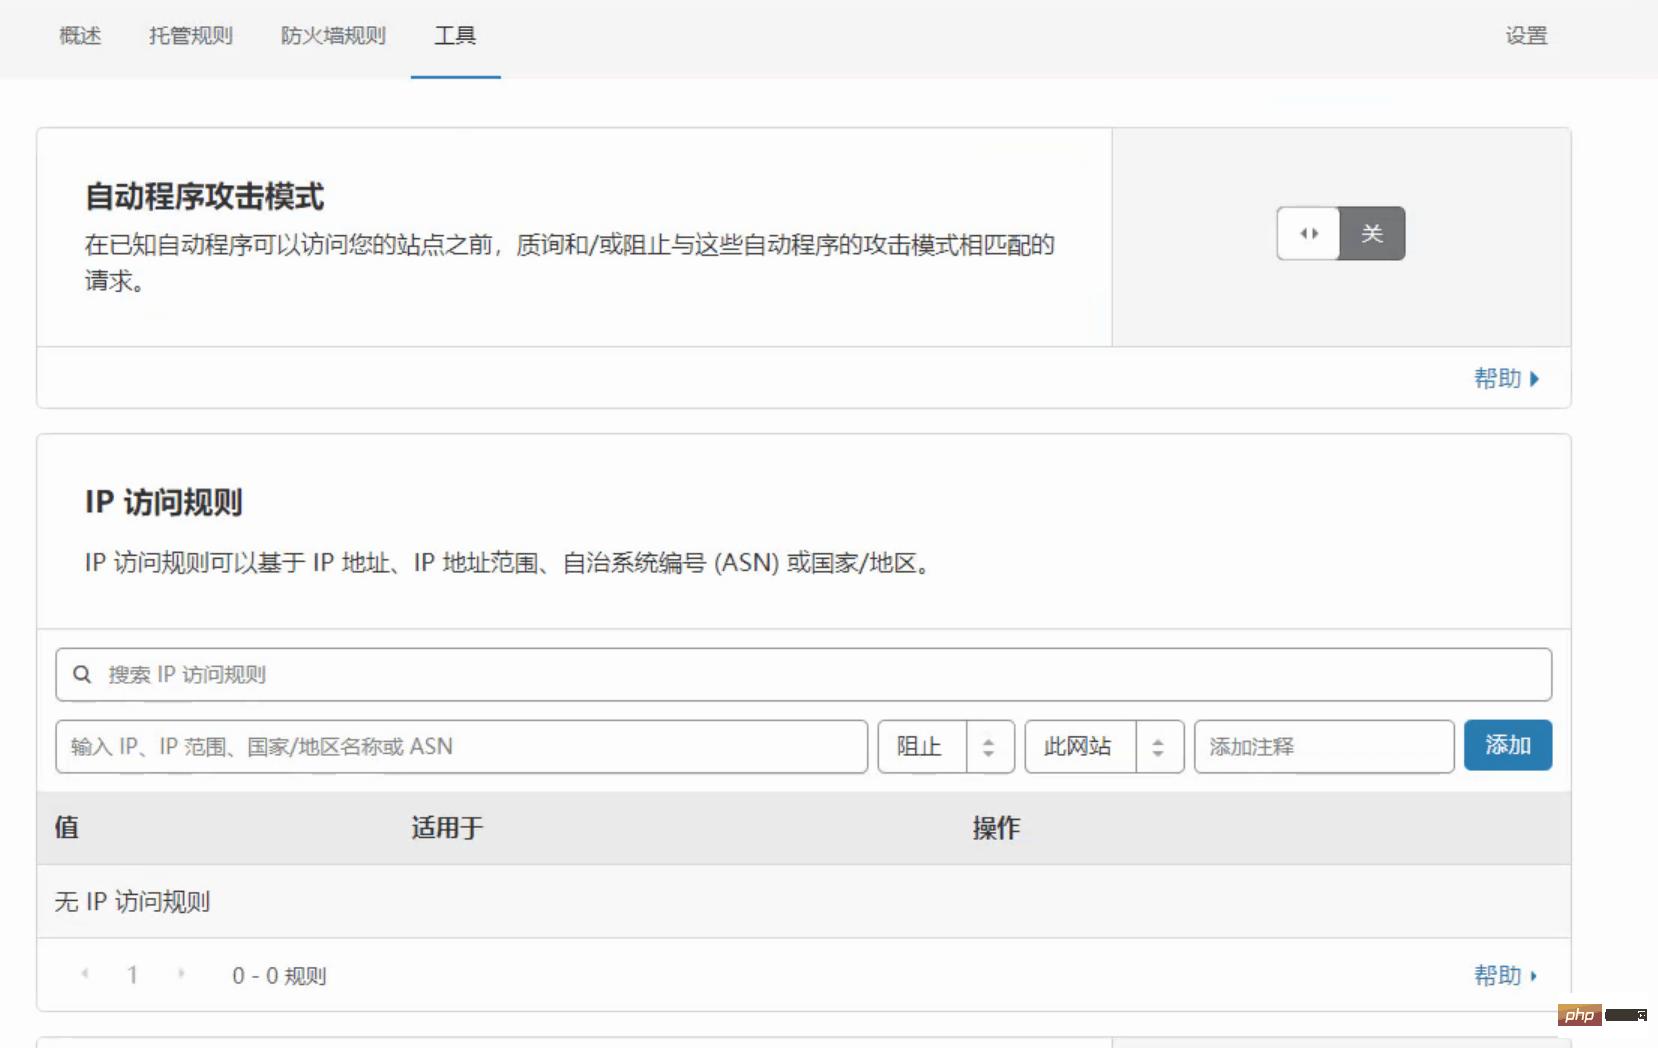 【学程】Wordpress海内网速急加快及防Ddos进犯快捷Cf切换-Wordpress升级插件中出现维护怎么解决 Eb9A574Edef665F592E78936A134362F 9 -